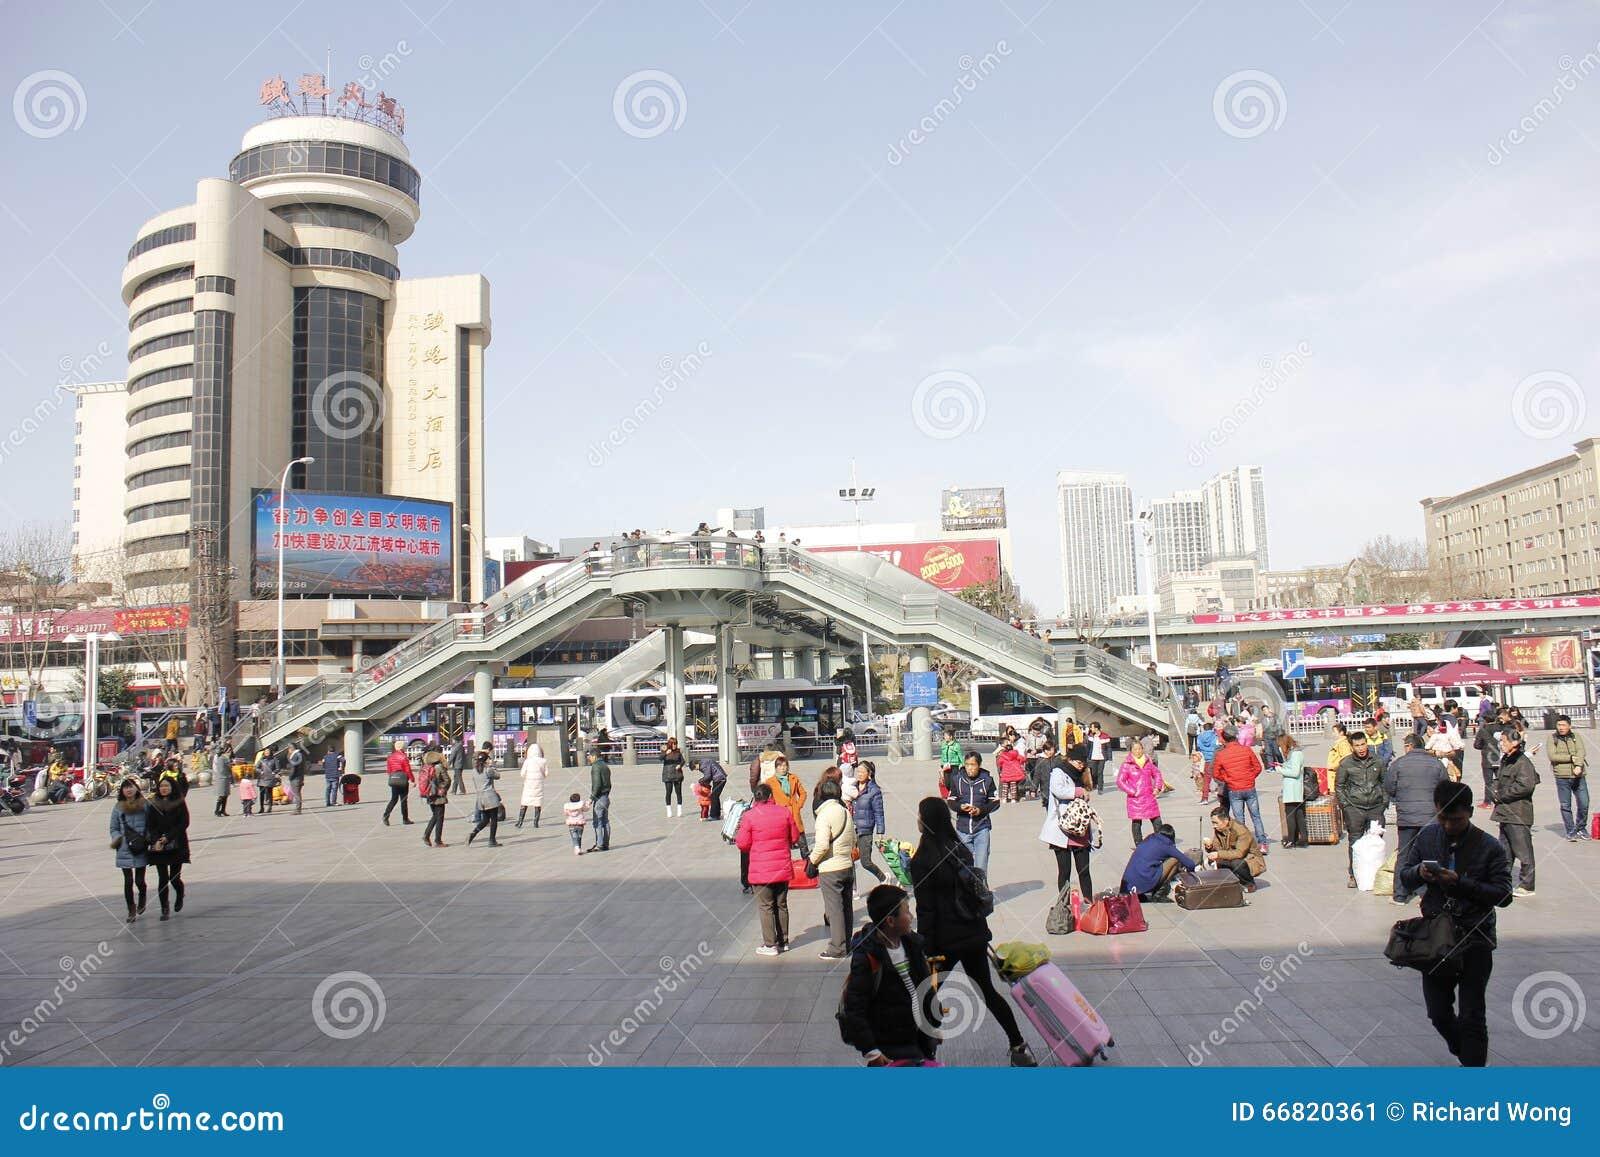 Xiangfan hubei china